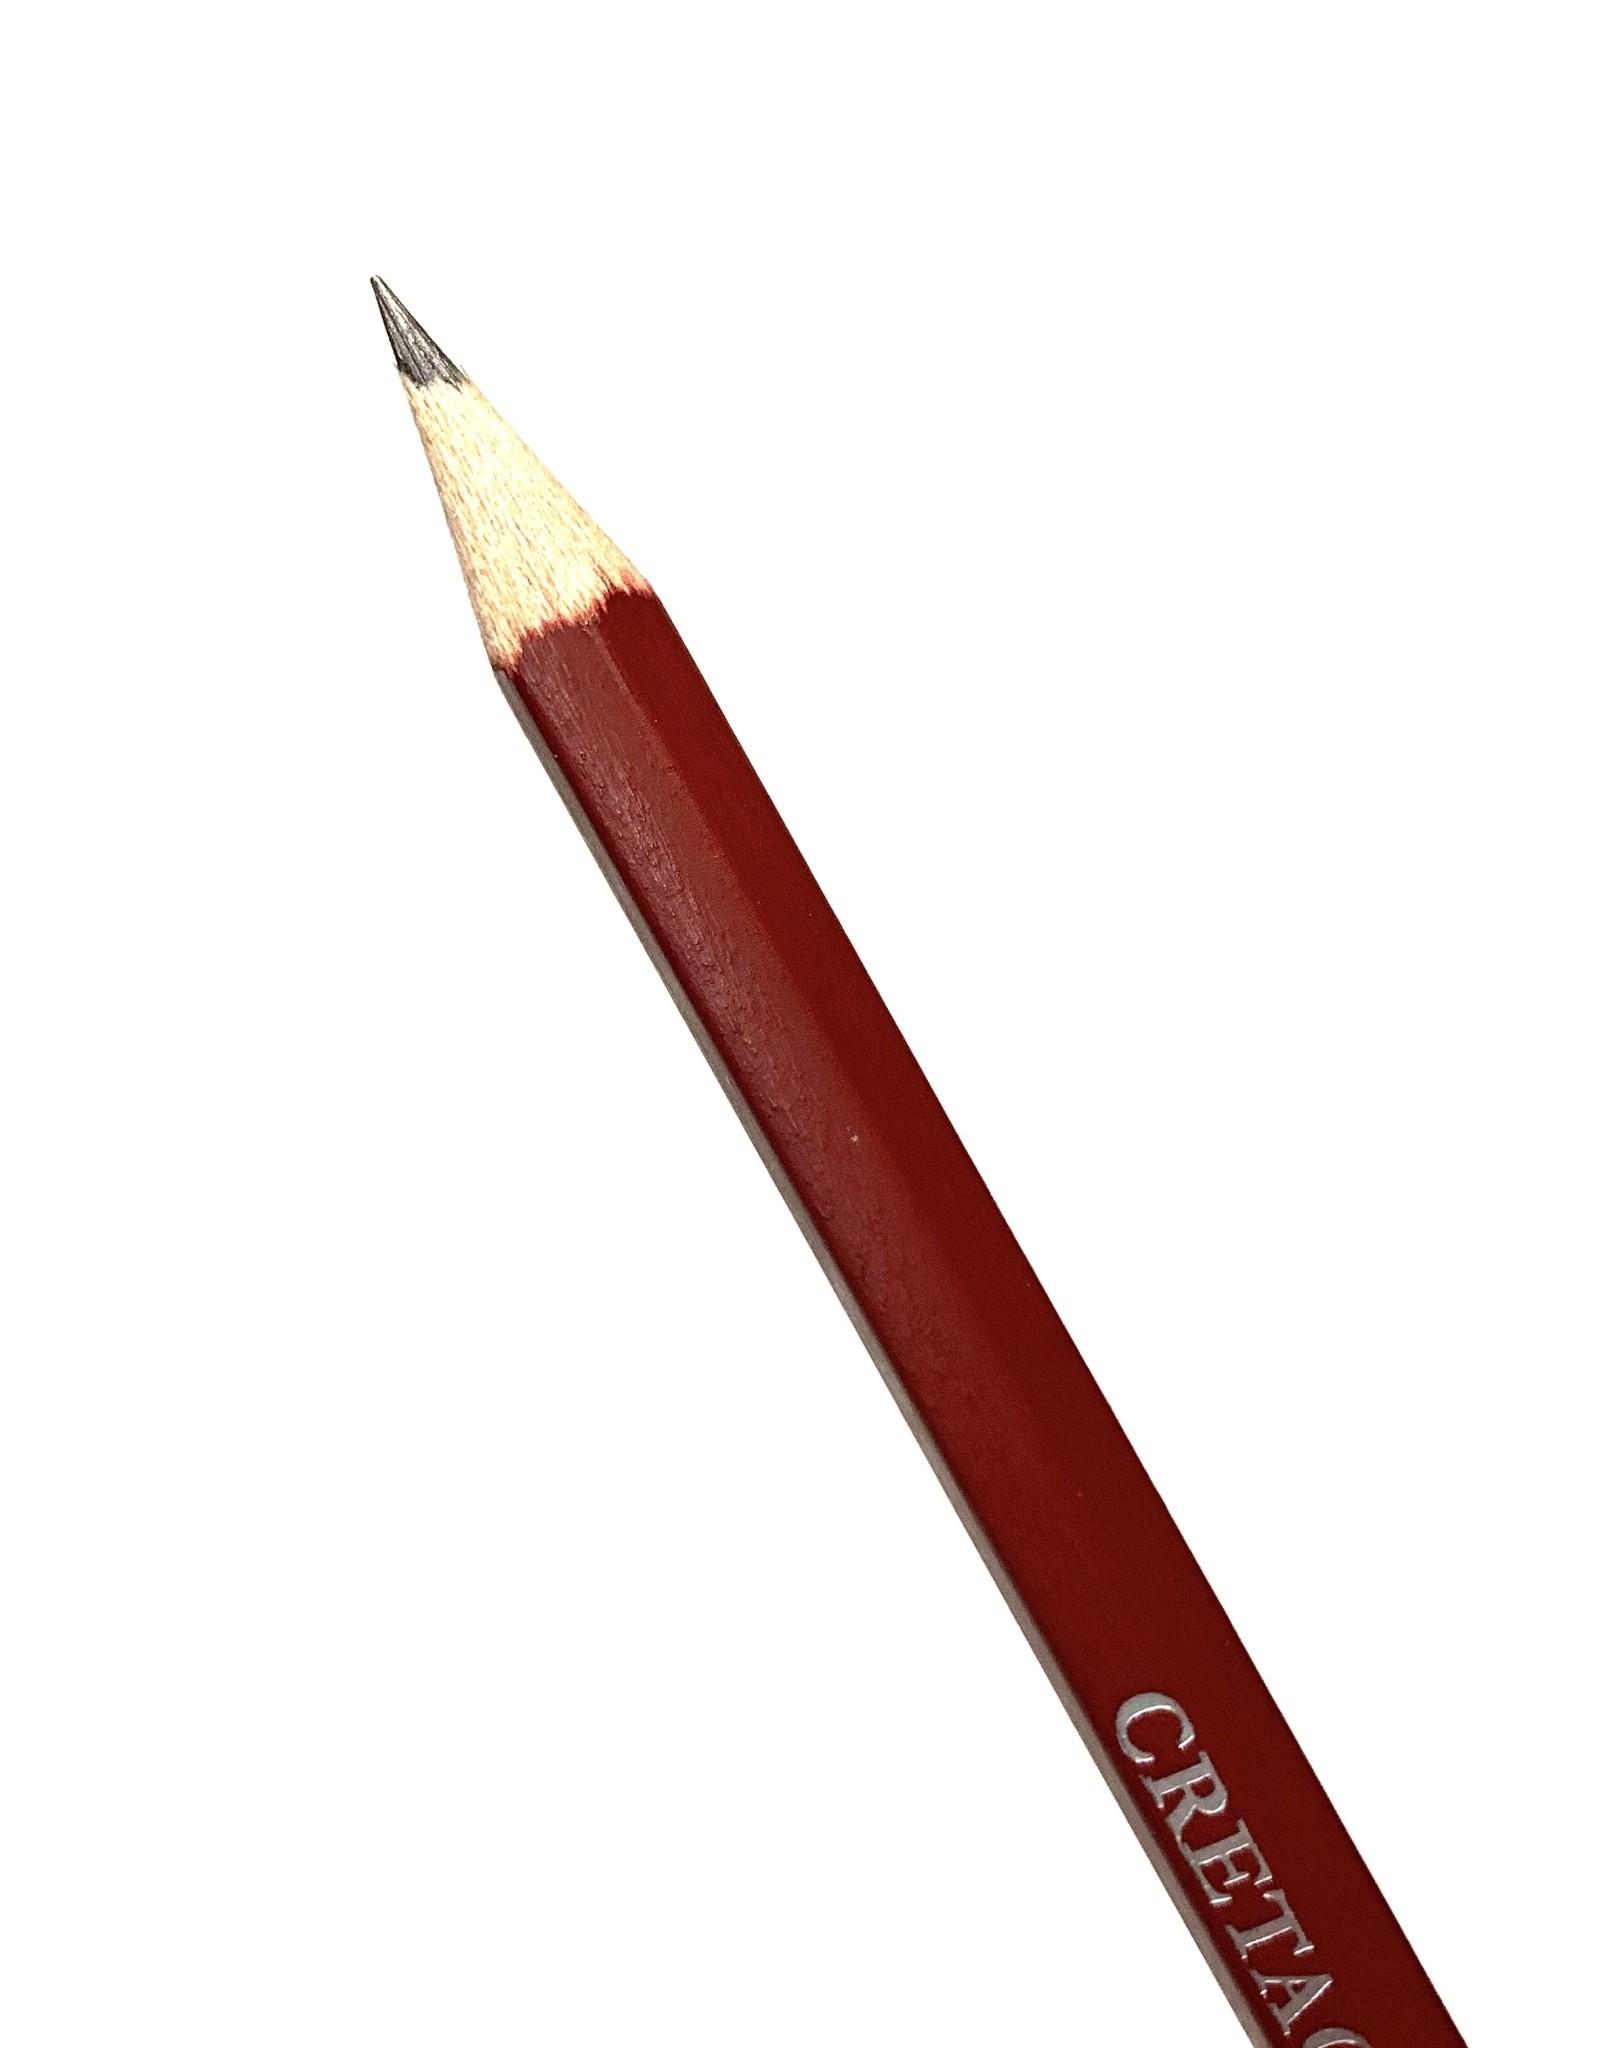 Cretacolor Graphite Pencil, H